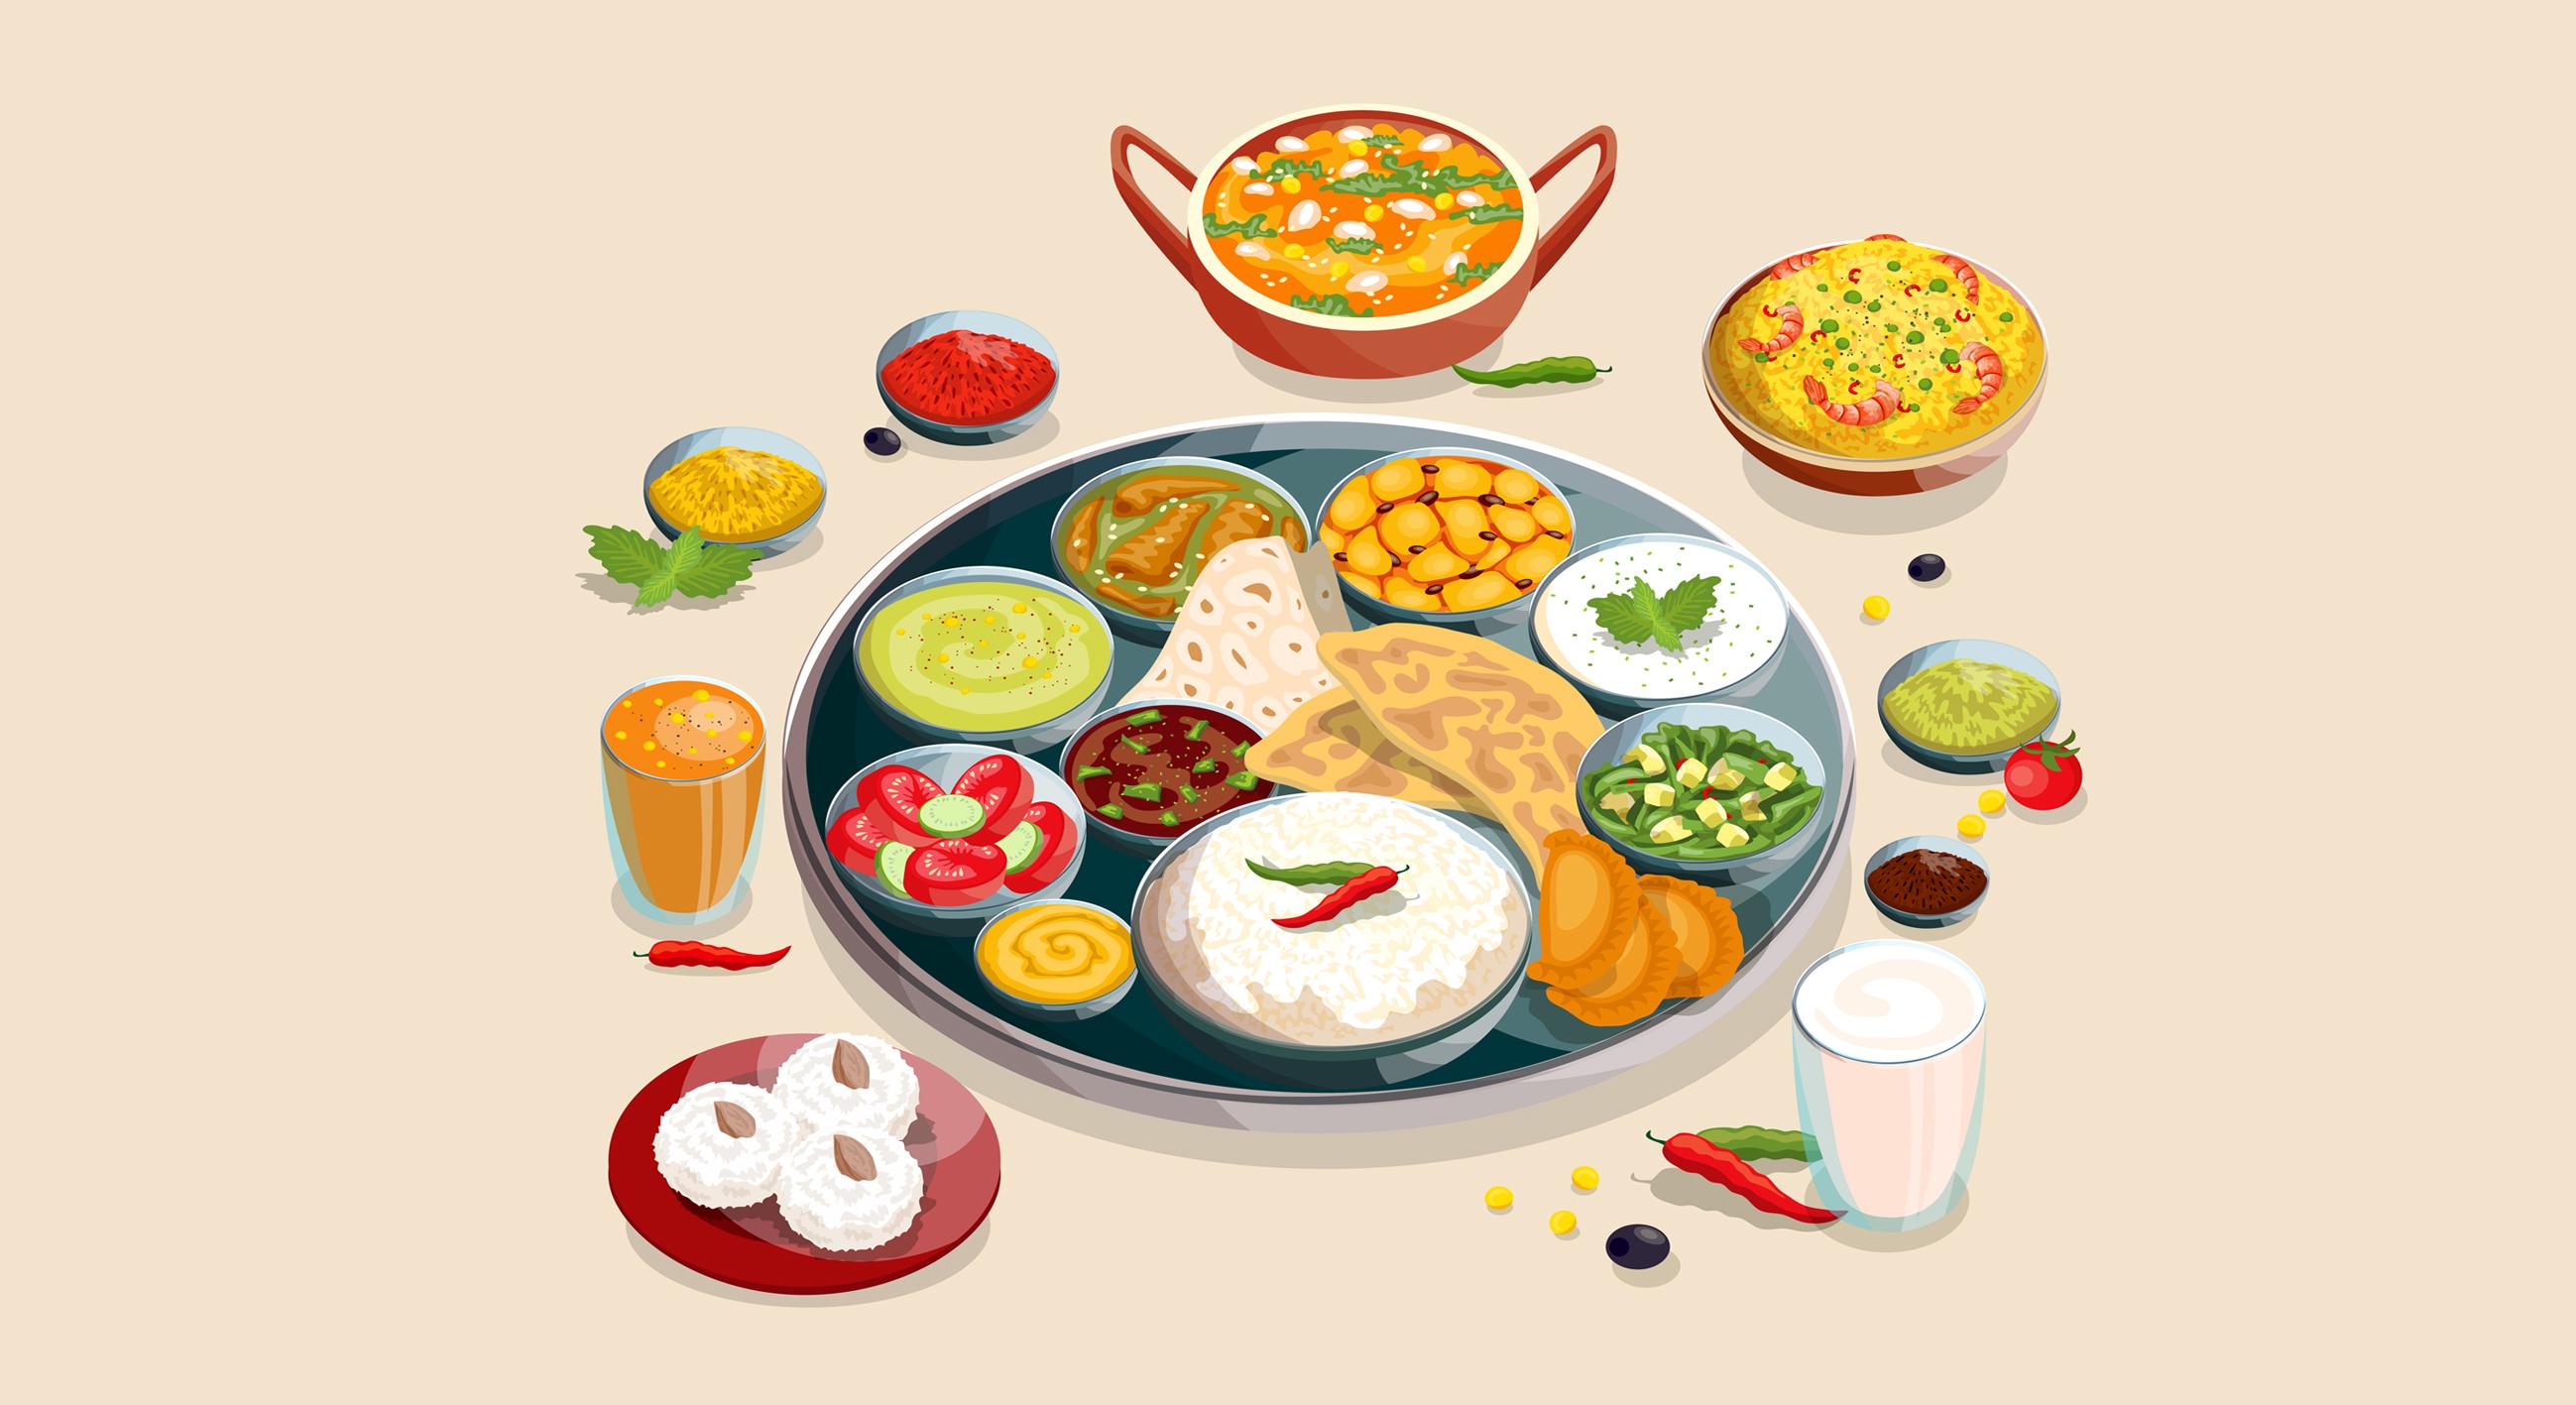 Lok Sabha Canteen food